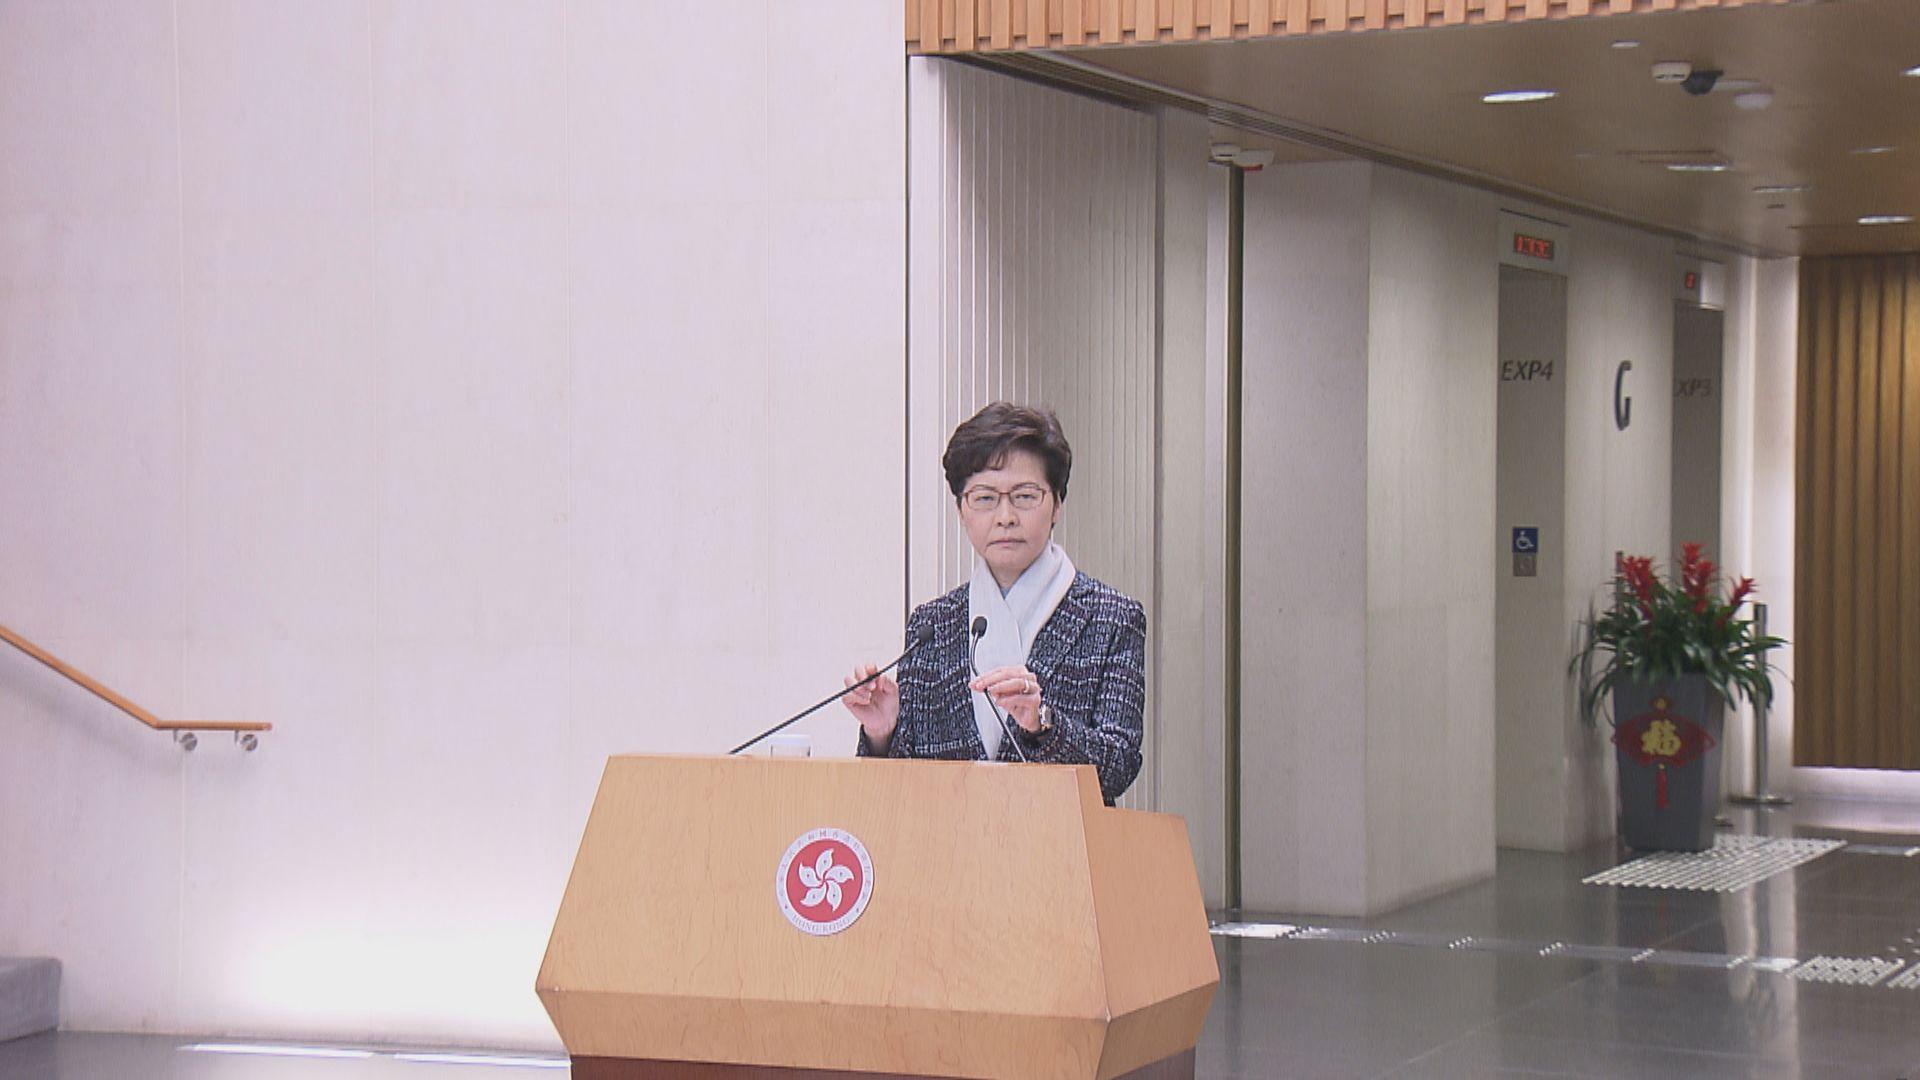 被問不全面封關是否北京決定 林鄭:會不時檢視疫情